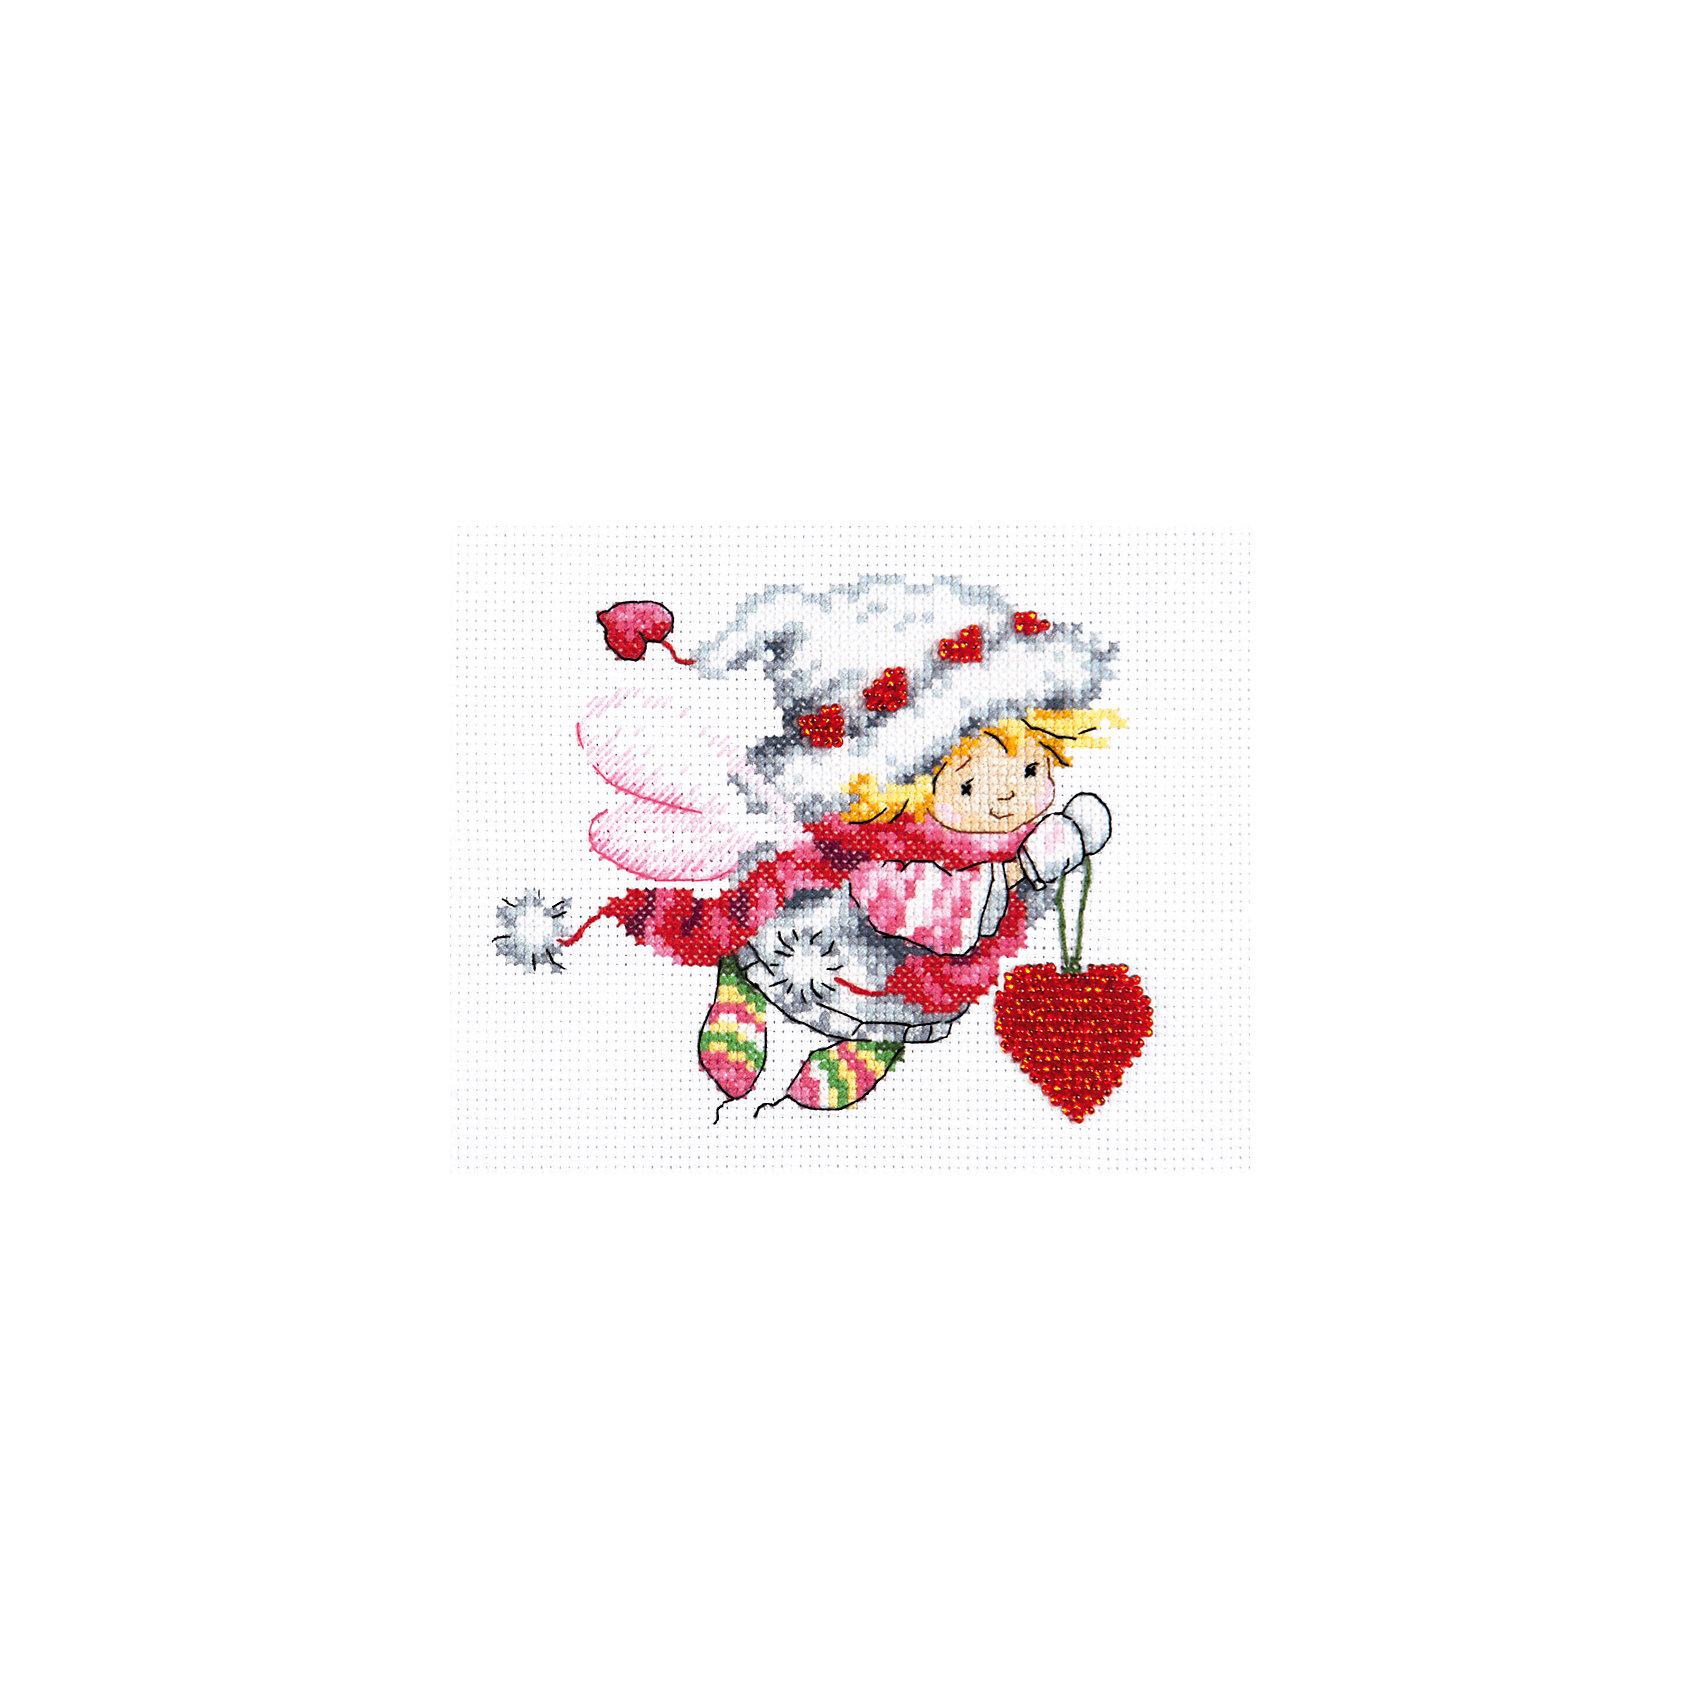 Набор для вышивания крестом «Дорогому сердцу!»Набор для вышивания крестом «Дорогому сердцу!» – это отличный подарок для маленьких рукодельниц!<br>Набор для вышивания крестом «Дорогому сердцу!», несомненно, доставит удовольствие каждому ребенку. Вышивание - очень увлекательное занятие. Простота исполнения основного элемента (крестика) позволит даже начинающему любителю рукоделия достичь потрясающего результата. На вышивке изображен маленький мальчик с розовыми крылышками, который несет в руках красное сердечко. Мальчик одет в теплую шапочку декорированную сердечками и пальто, на ногах - разноцветные носочки.  Сердечки на шапочке и в руке мальчика вышиваются бисером. Схема вышивки детально проработана. Набор порадует вас насыщенными красками, идеально подобранными нитками, а также канвой, которая имеет равномерную структуру, образующую отчетливые квадратики и отверстия в углах этих квадратов, облегчающие проведение иглы и весь процесс вышивки. А законченная вышивка, украсит любой интерьер, создаст уютную атмосферу в доме или станет самым ценным для друзей и знакомых. Вышивание крестиком поможет ребенку научиться пользоваться инструментами для шитья и поспособствует развитию творческих способностей.<br><br>Дополнительная информация:<br><br>- В наборе: нитки мулине 17 цветов; бисер; игла; канва Аида 14, белого цвета (без рисунка); цветная схема для вышивания; краткая инструкция на русском языке<br>- Мулине: 100% хлопок<br>- Канва Аида 14: 100% хлопок, 55 клеточек на 10 см.<br>- Размер готового изделия: 13 х 11 см.<br>- Техника: счетный крест<br>- Сложность: средняя<br><br>Набор для вышивания крестом «Дорогому сердцу!» можно купить в нашем интернет-магазине.<br><br>Ширина мм: 250<br>Глубина мм: 150<br>Высота мм: 50<br>Вес г: 33<br>Возраст от месяцев: 84<br>Возраст до месяцев: 168<br>Пол: Женский<br>Возраст: Детский<br>SKU: 4518099